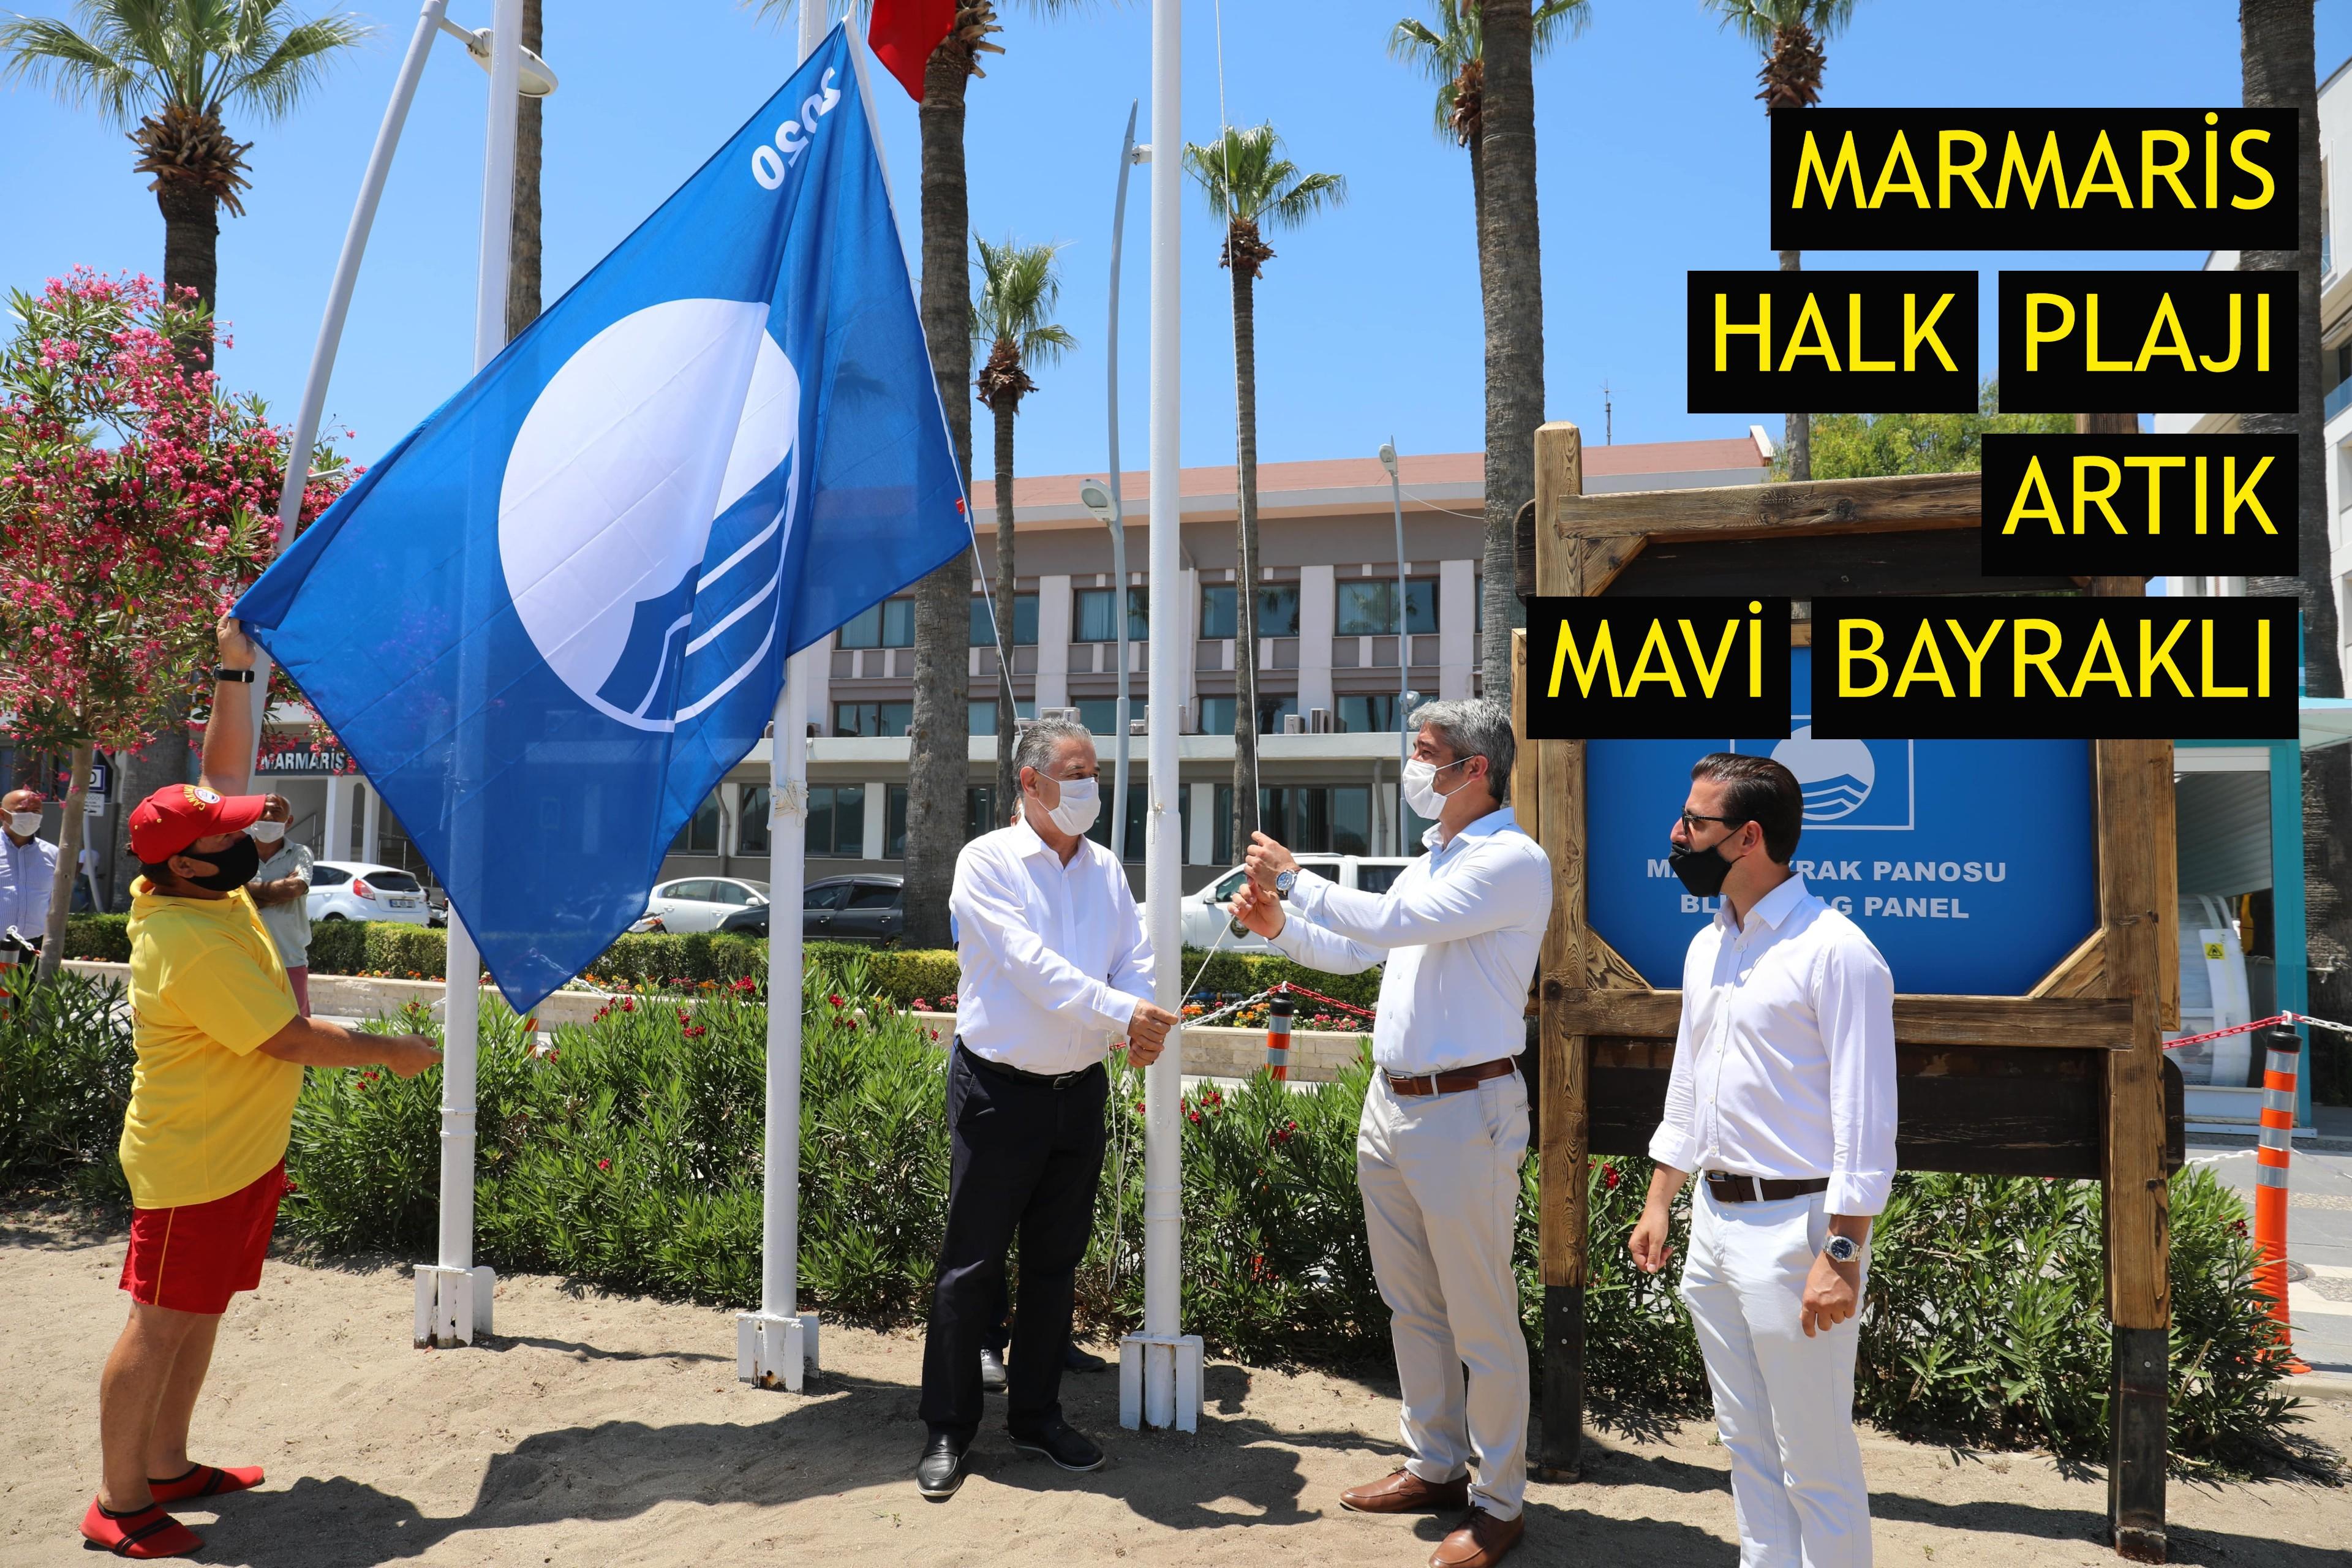 Marmaris Halk Plajı artık Mavi Bayraklı